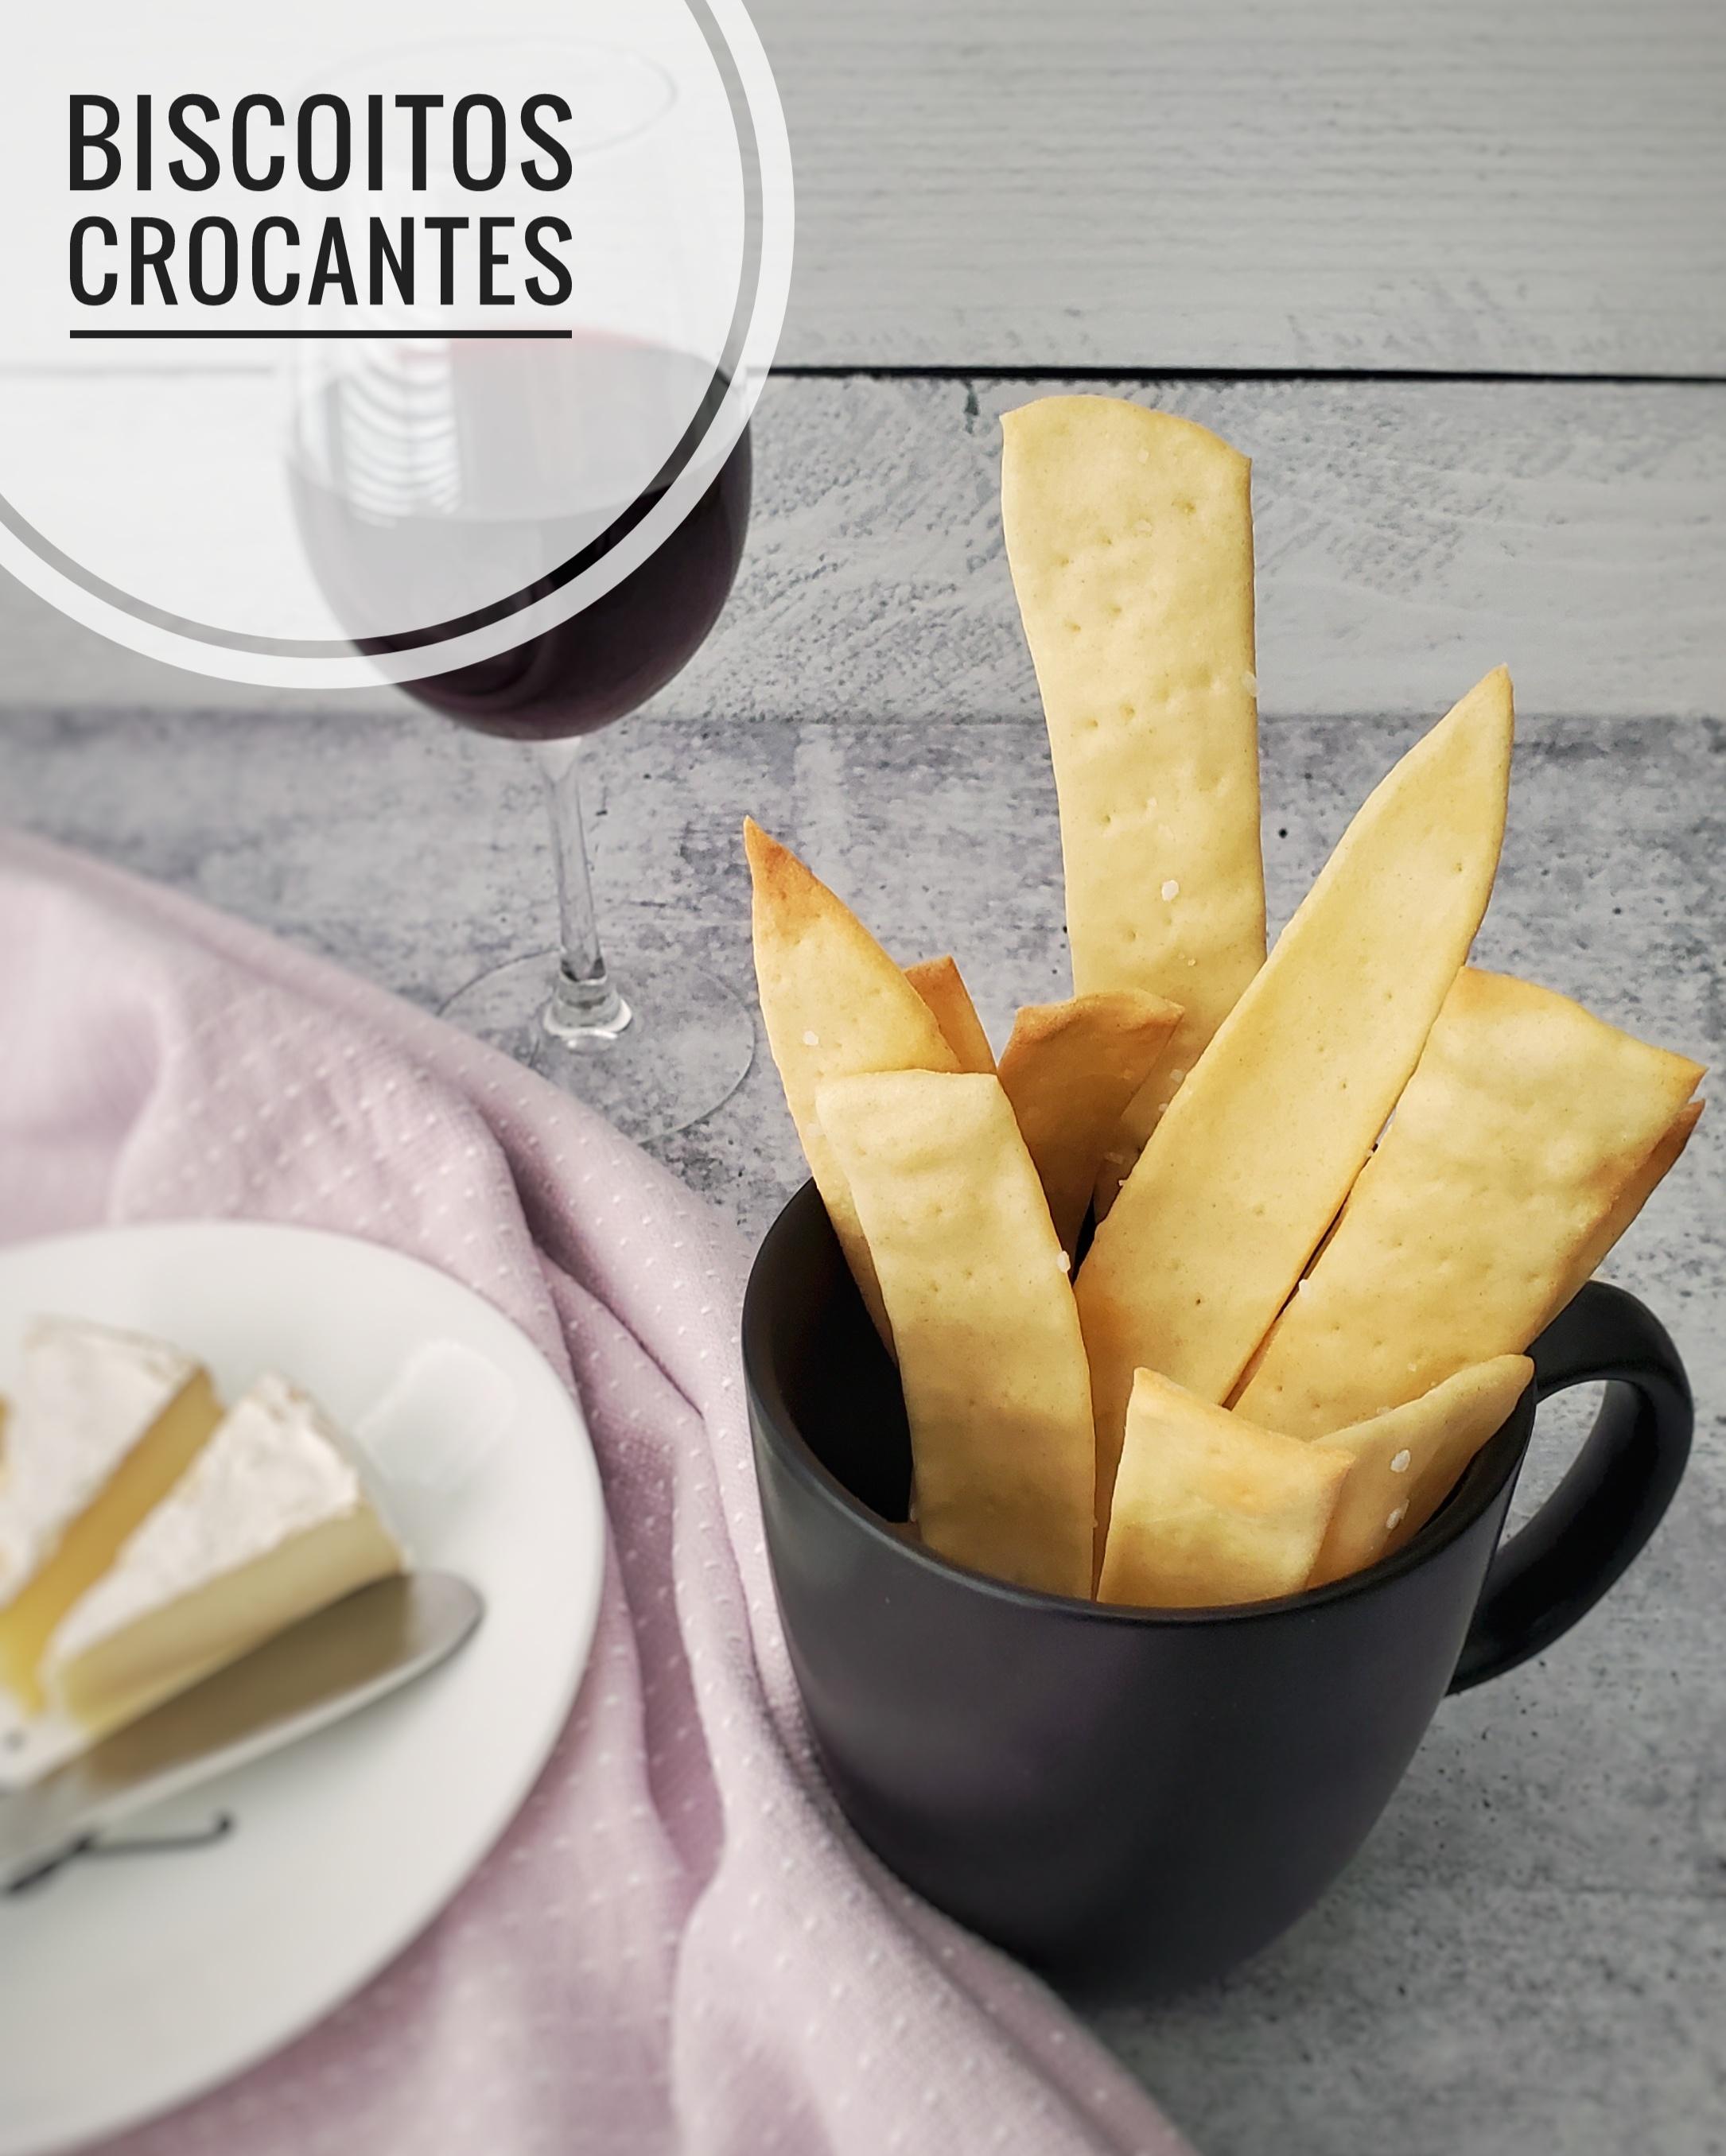 Biscoitos Crocantes